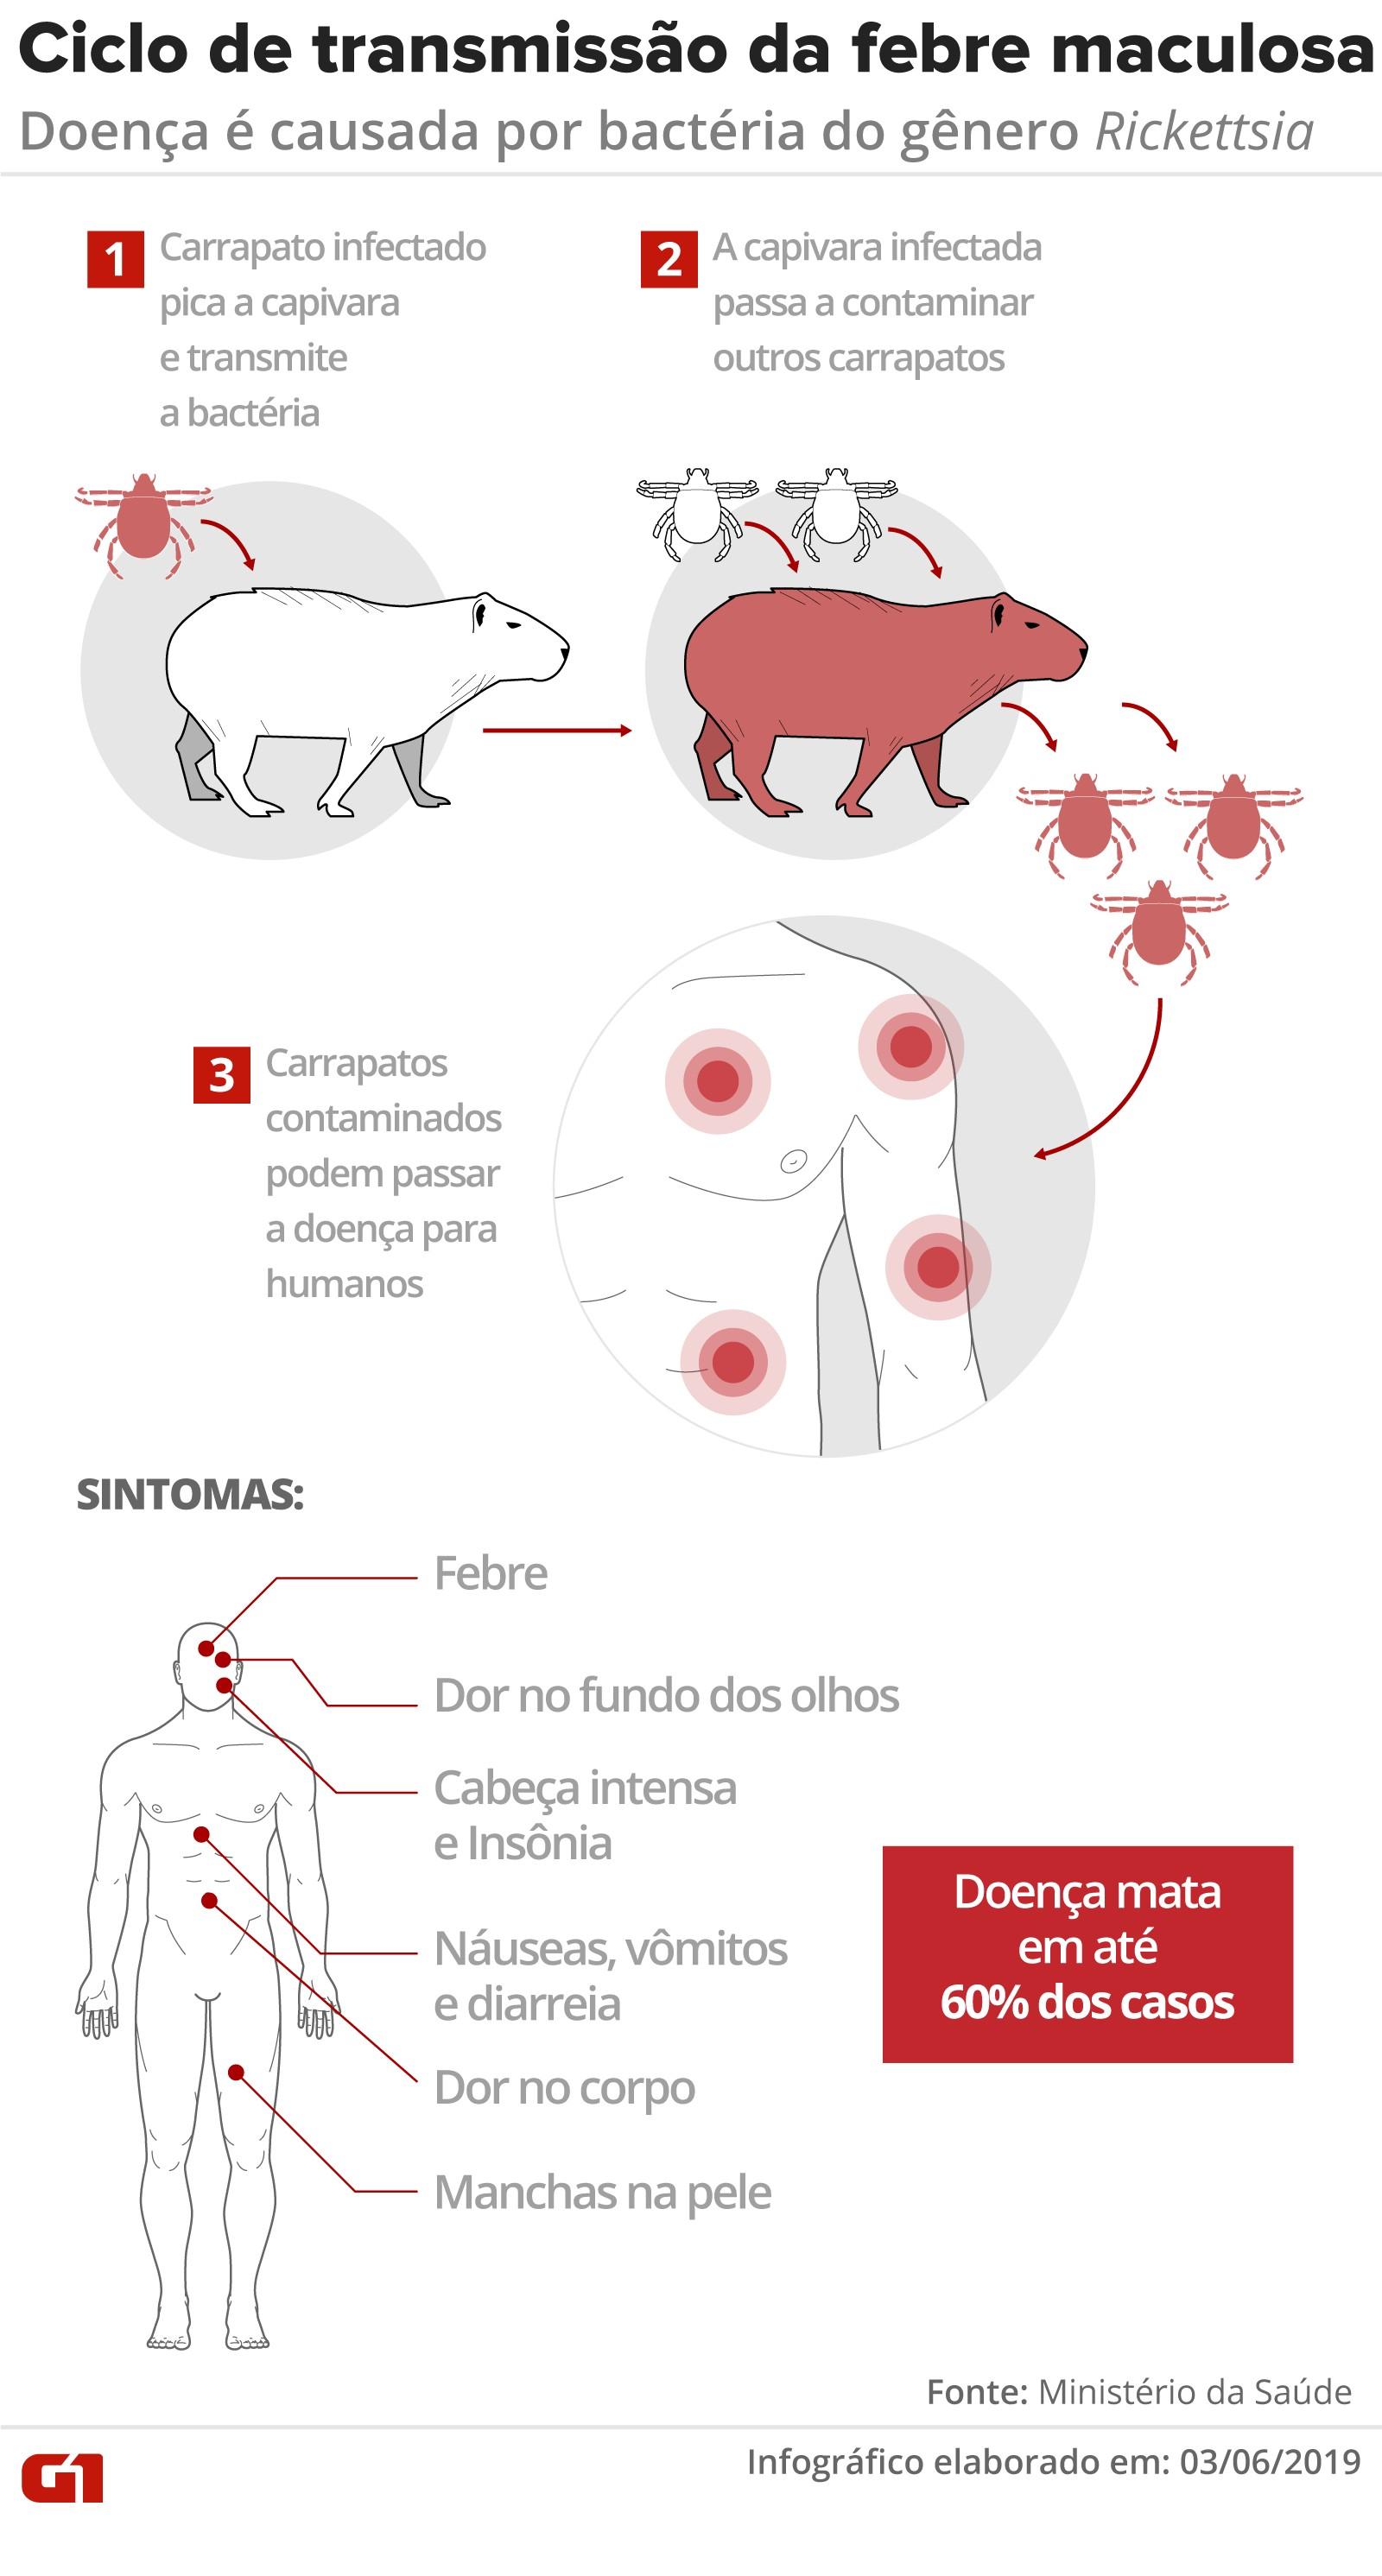 Saúde investiga morte suspeita por febre maculosa em  São João da Barra, RJ, após Campos confirmar caso em criança